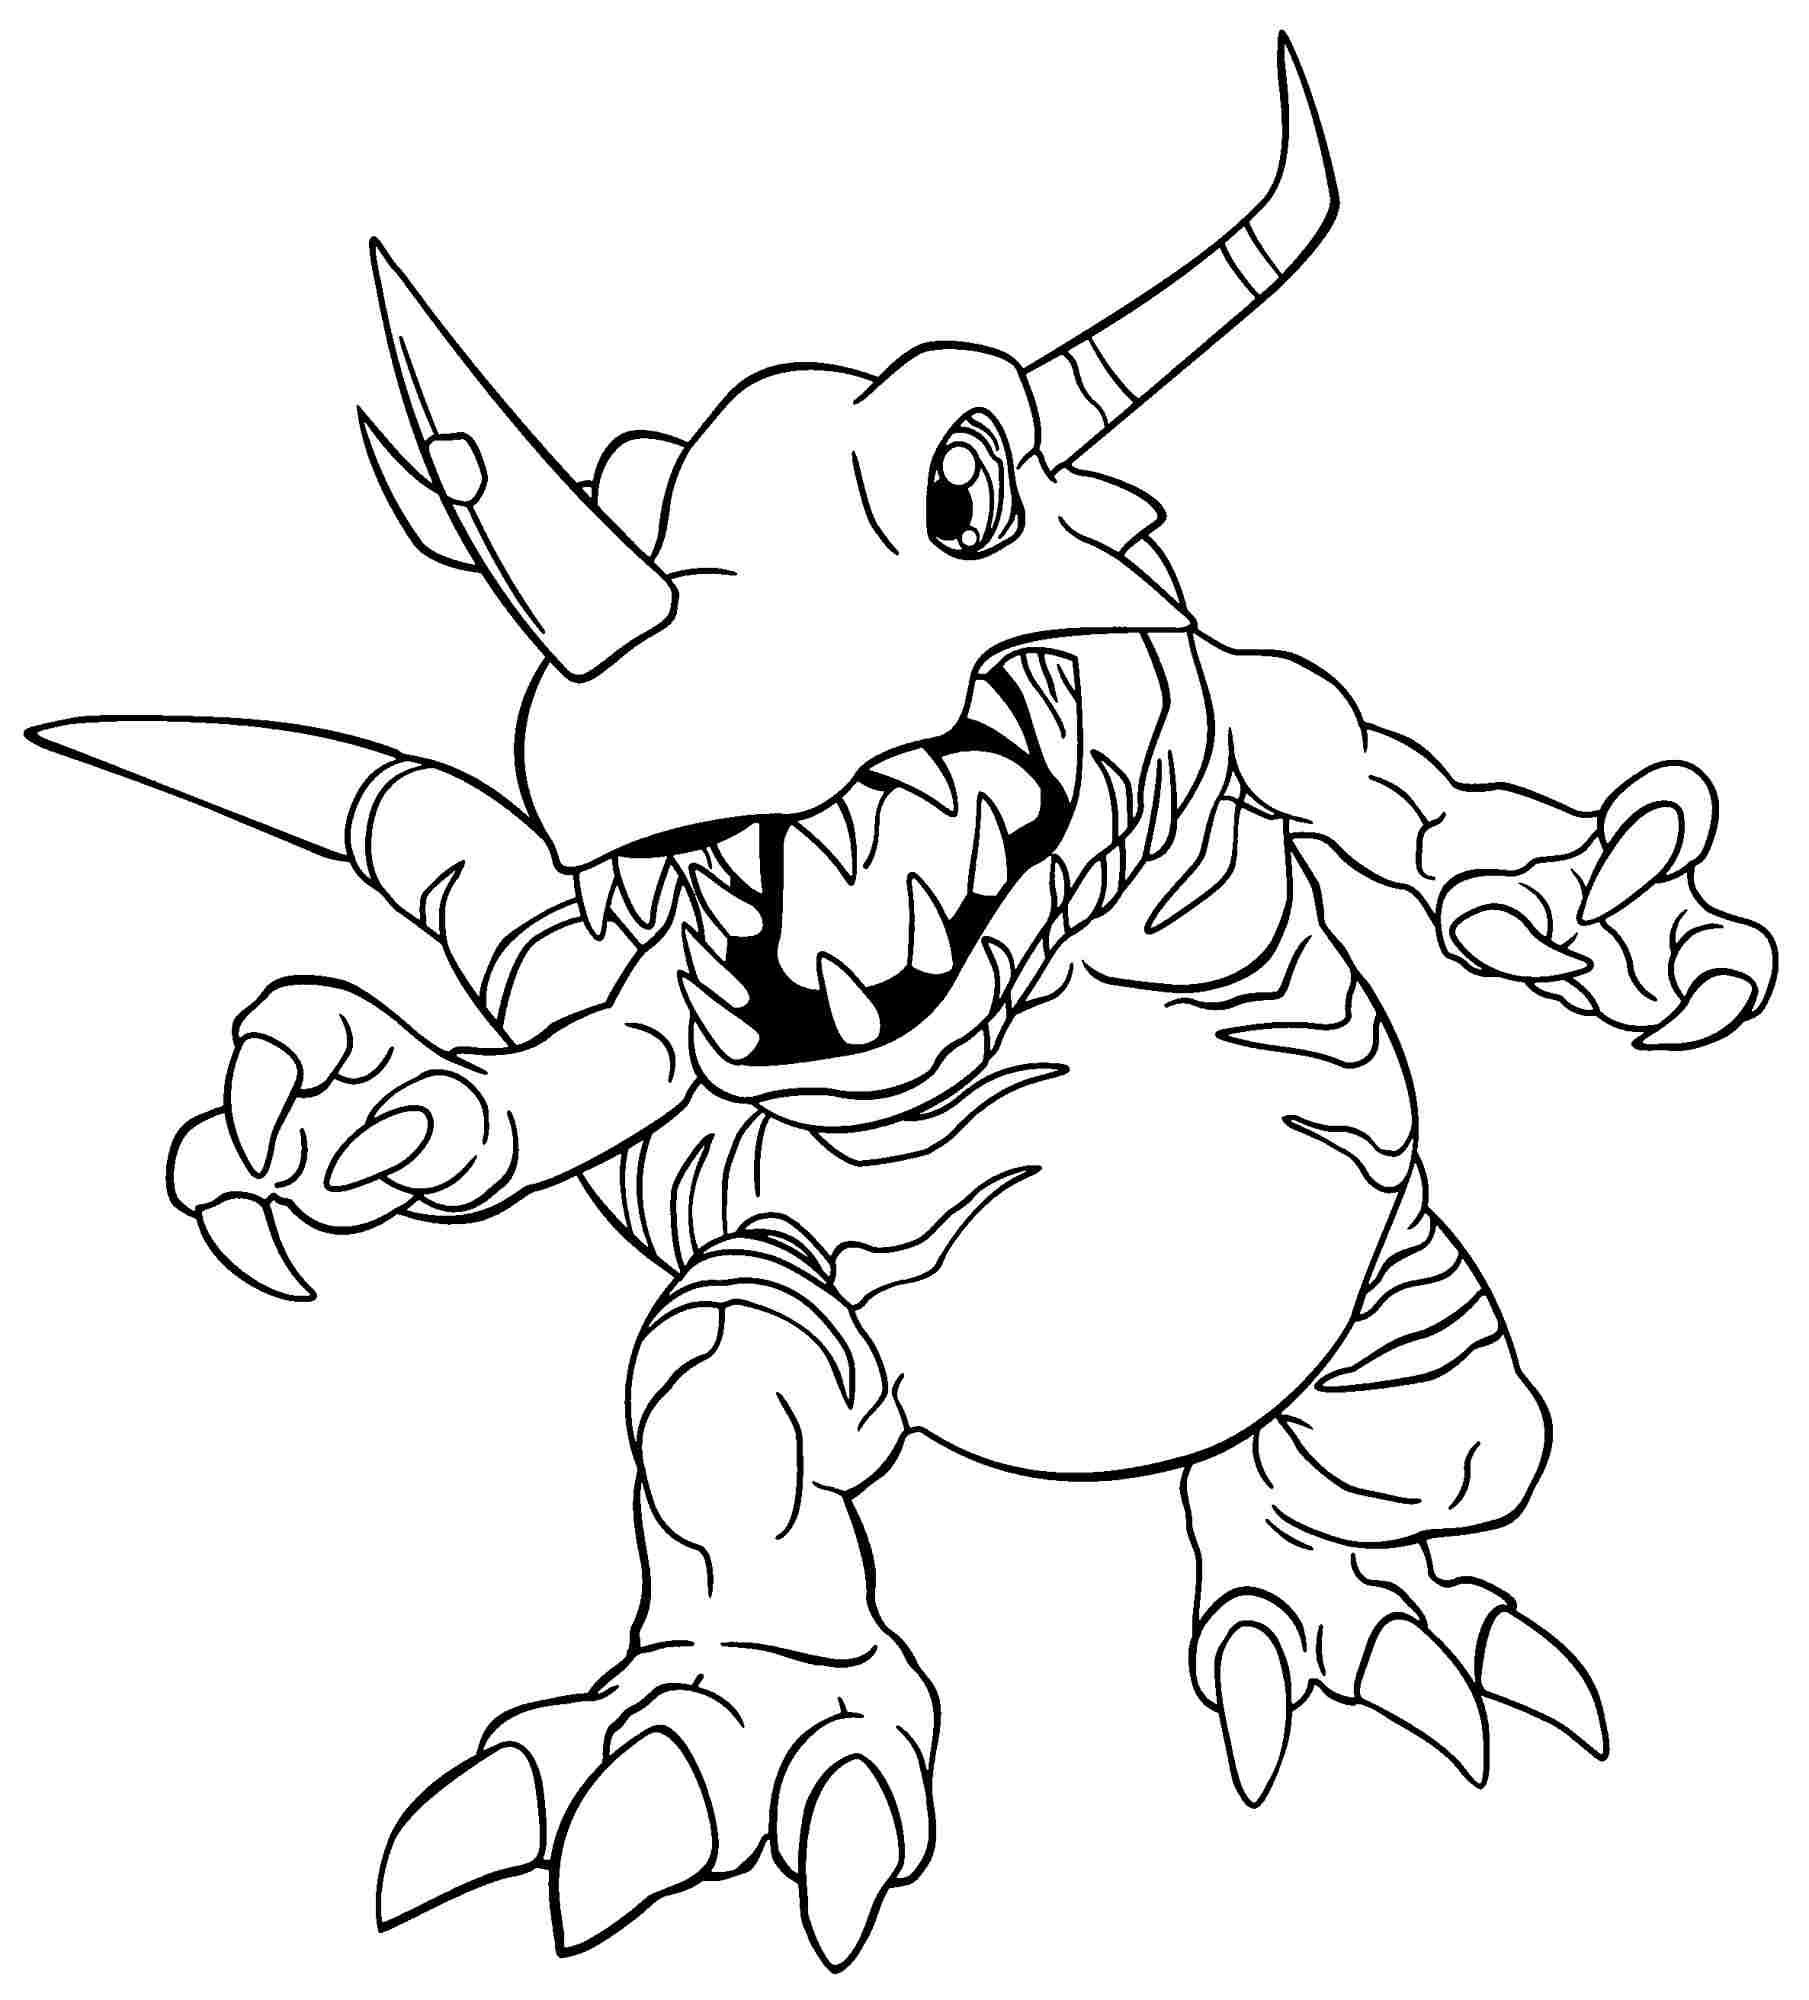 Coloriage Greymon Digimon à imprimer et colorier